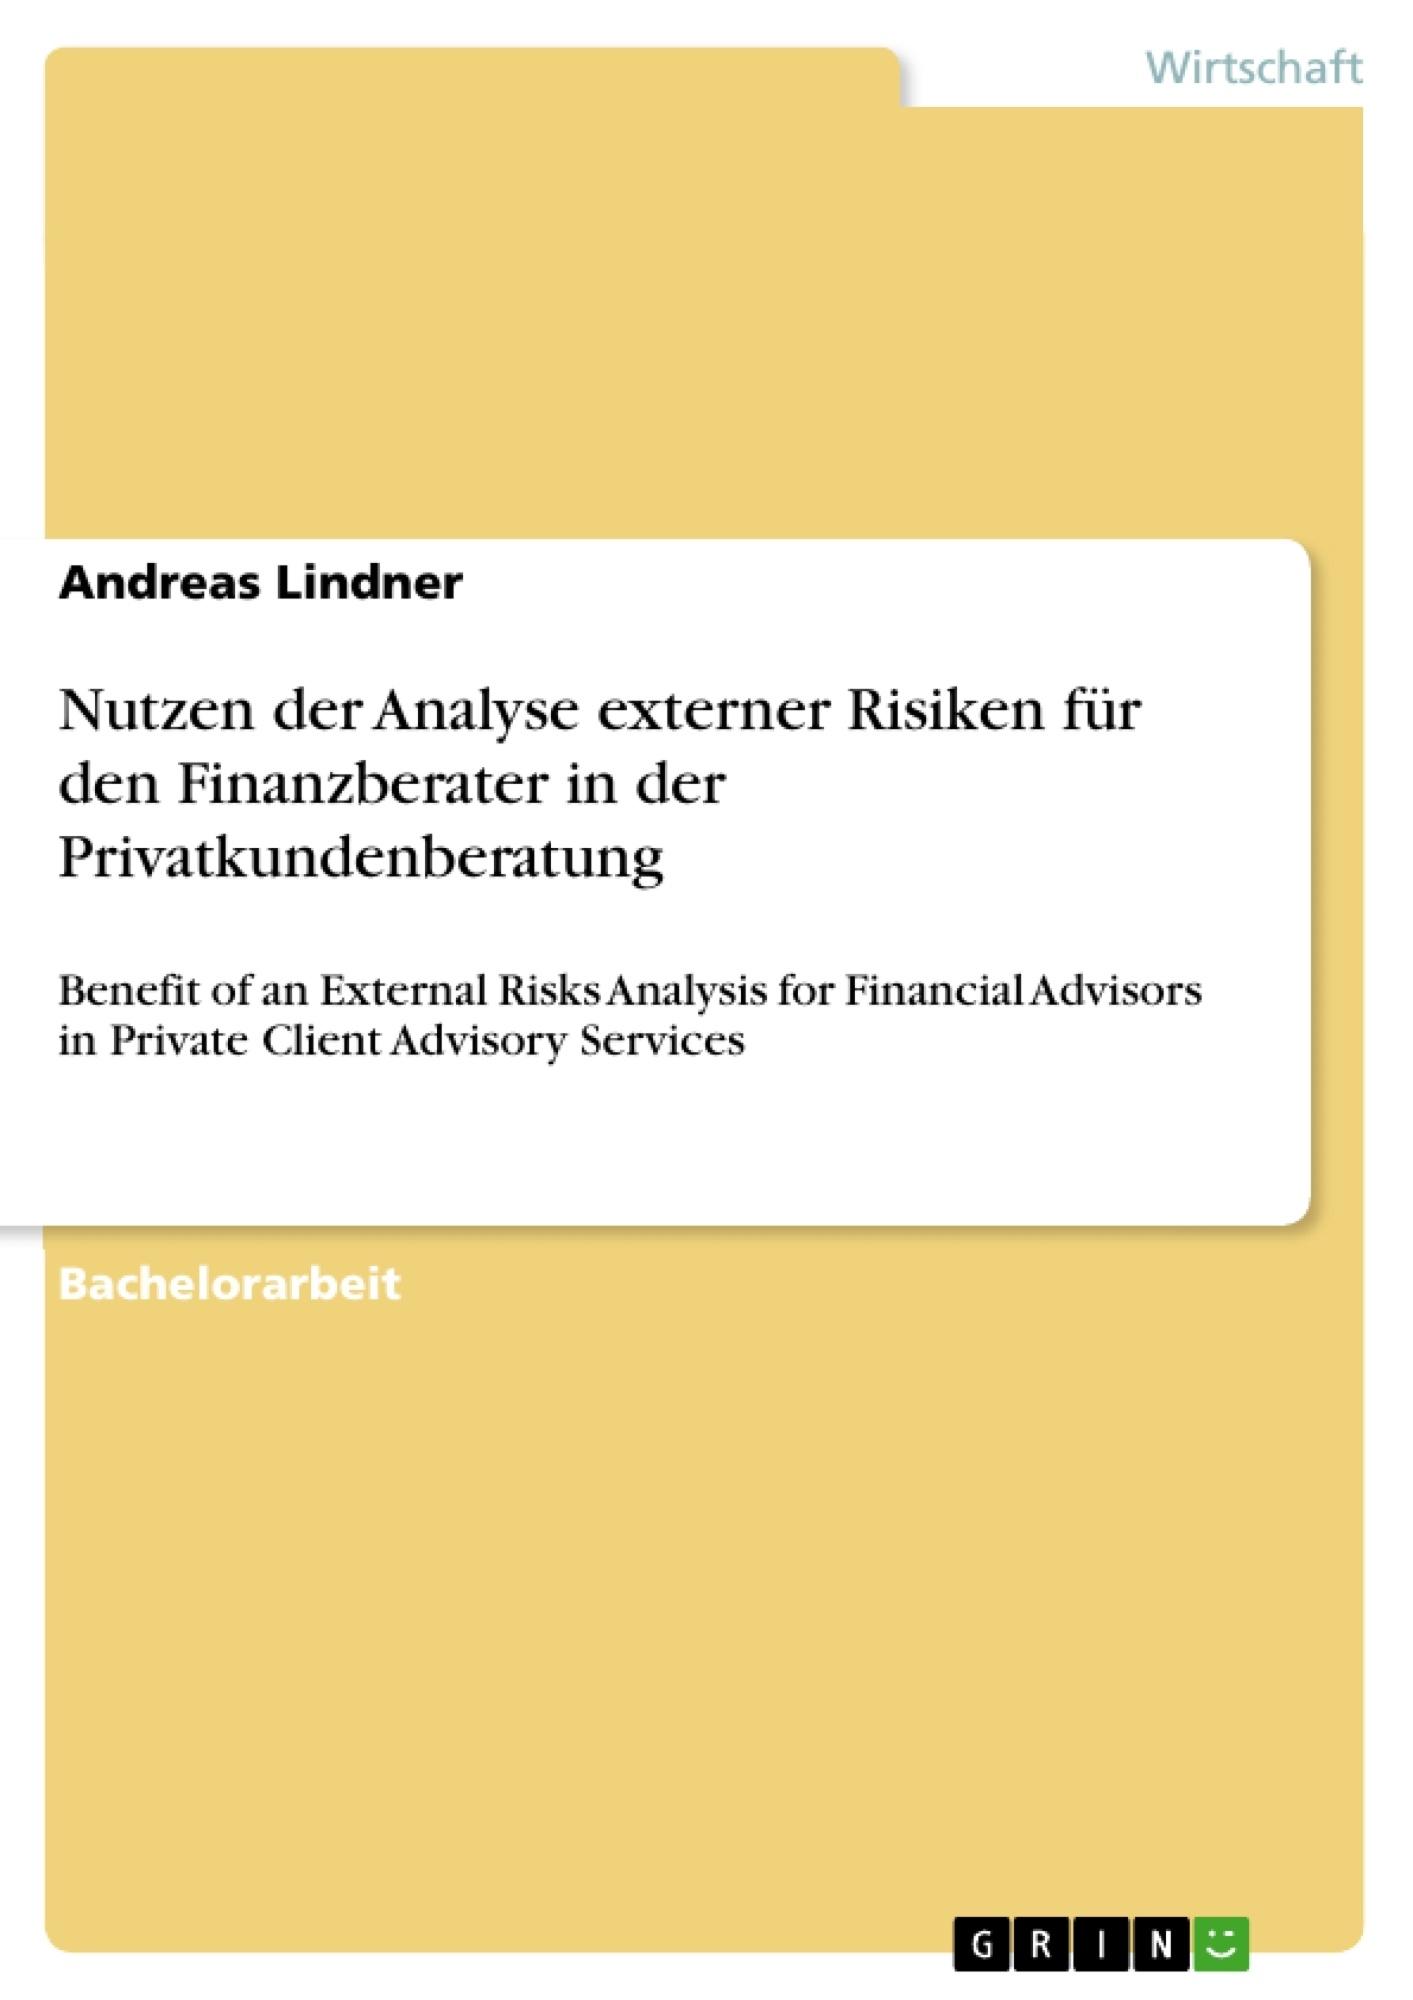 Titel: Nutzen der Analyse externer Risiken für den Finanzberater in der Privatkundenberatung